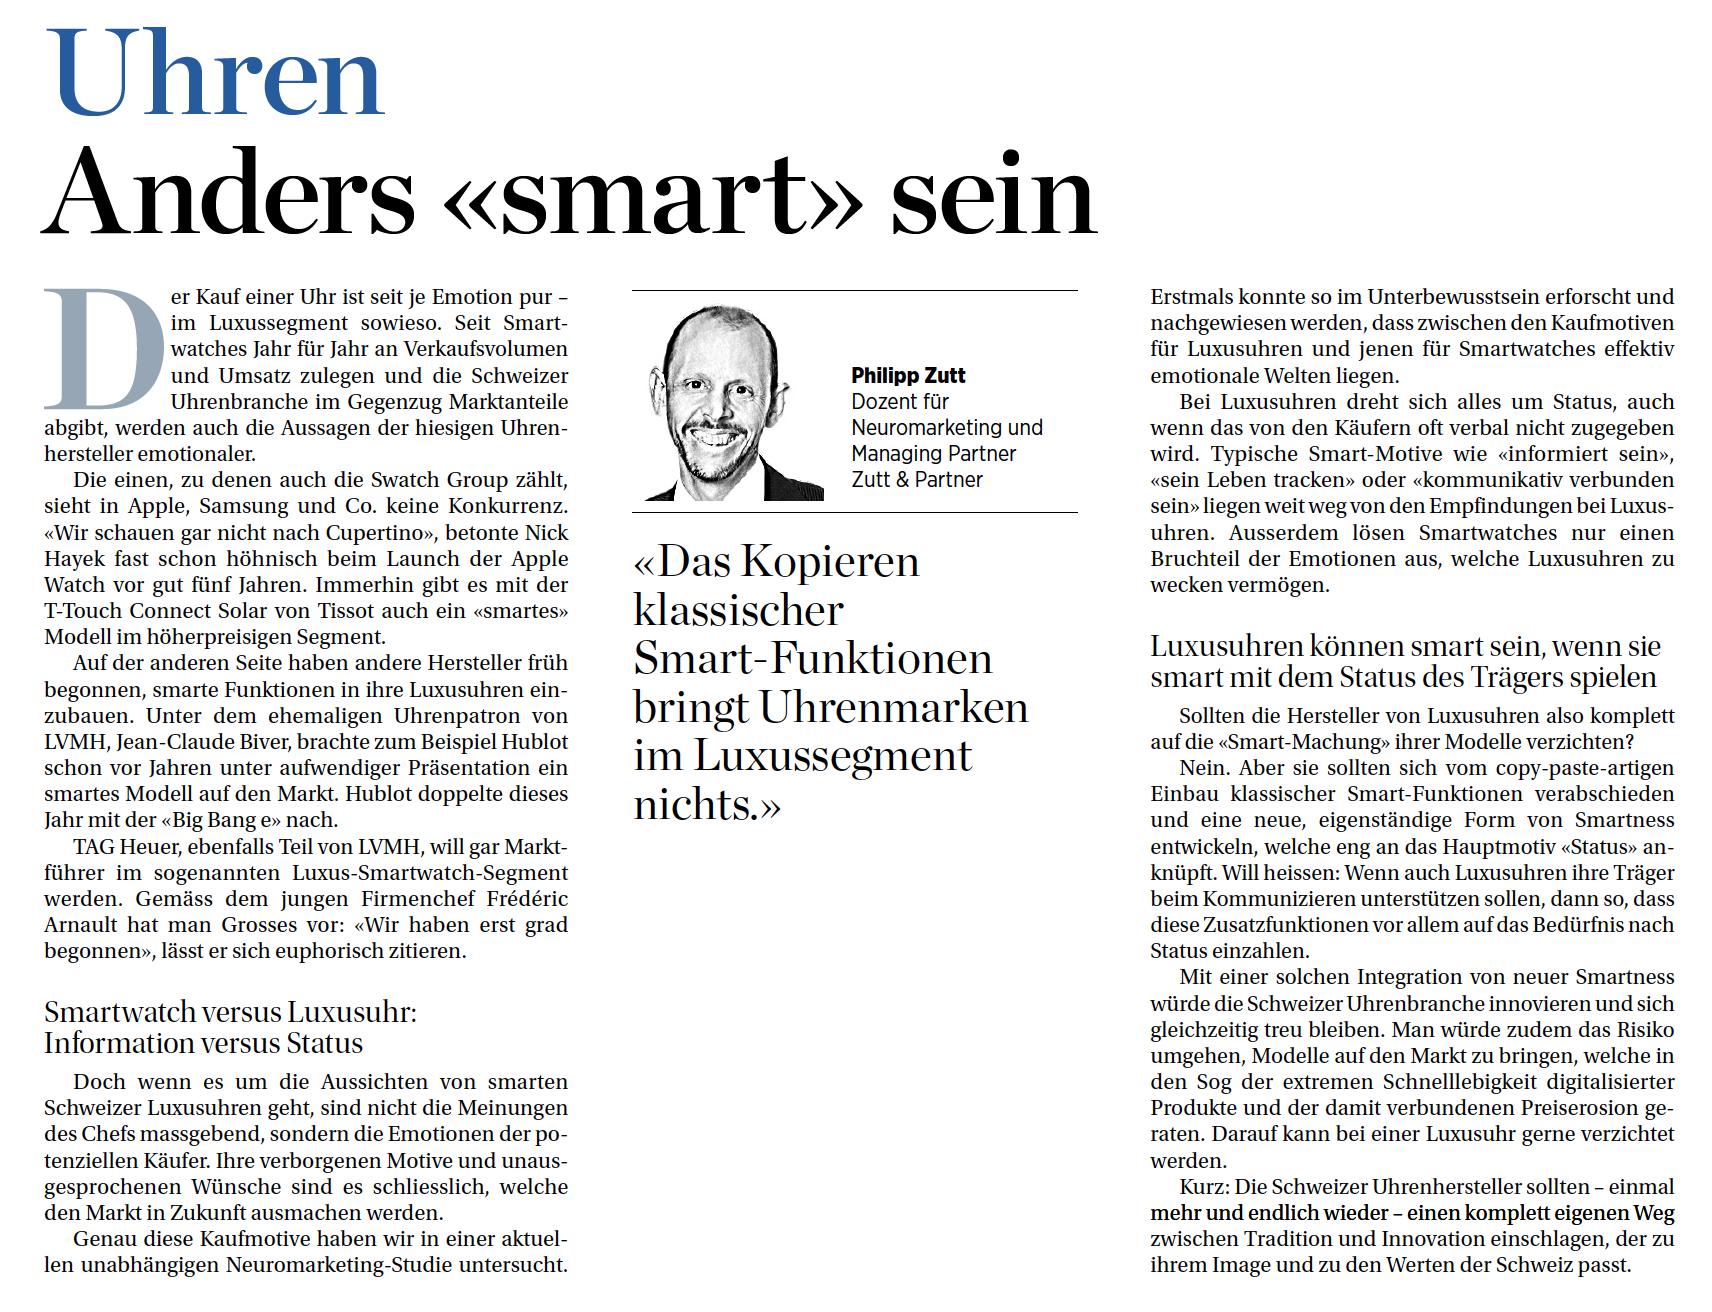 Gastbeitrag von Philipp Zutt in der Handelszeitungzum Thema Smartwatches